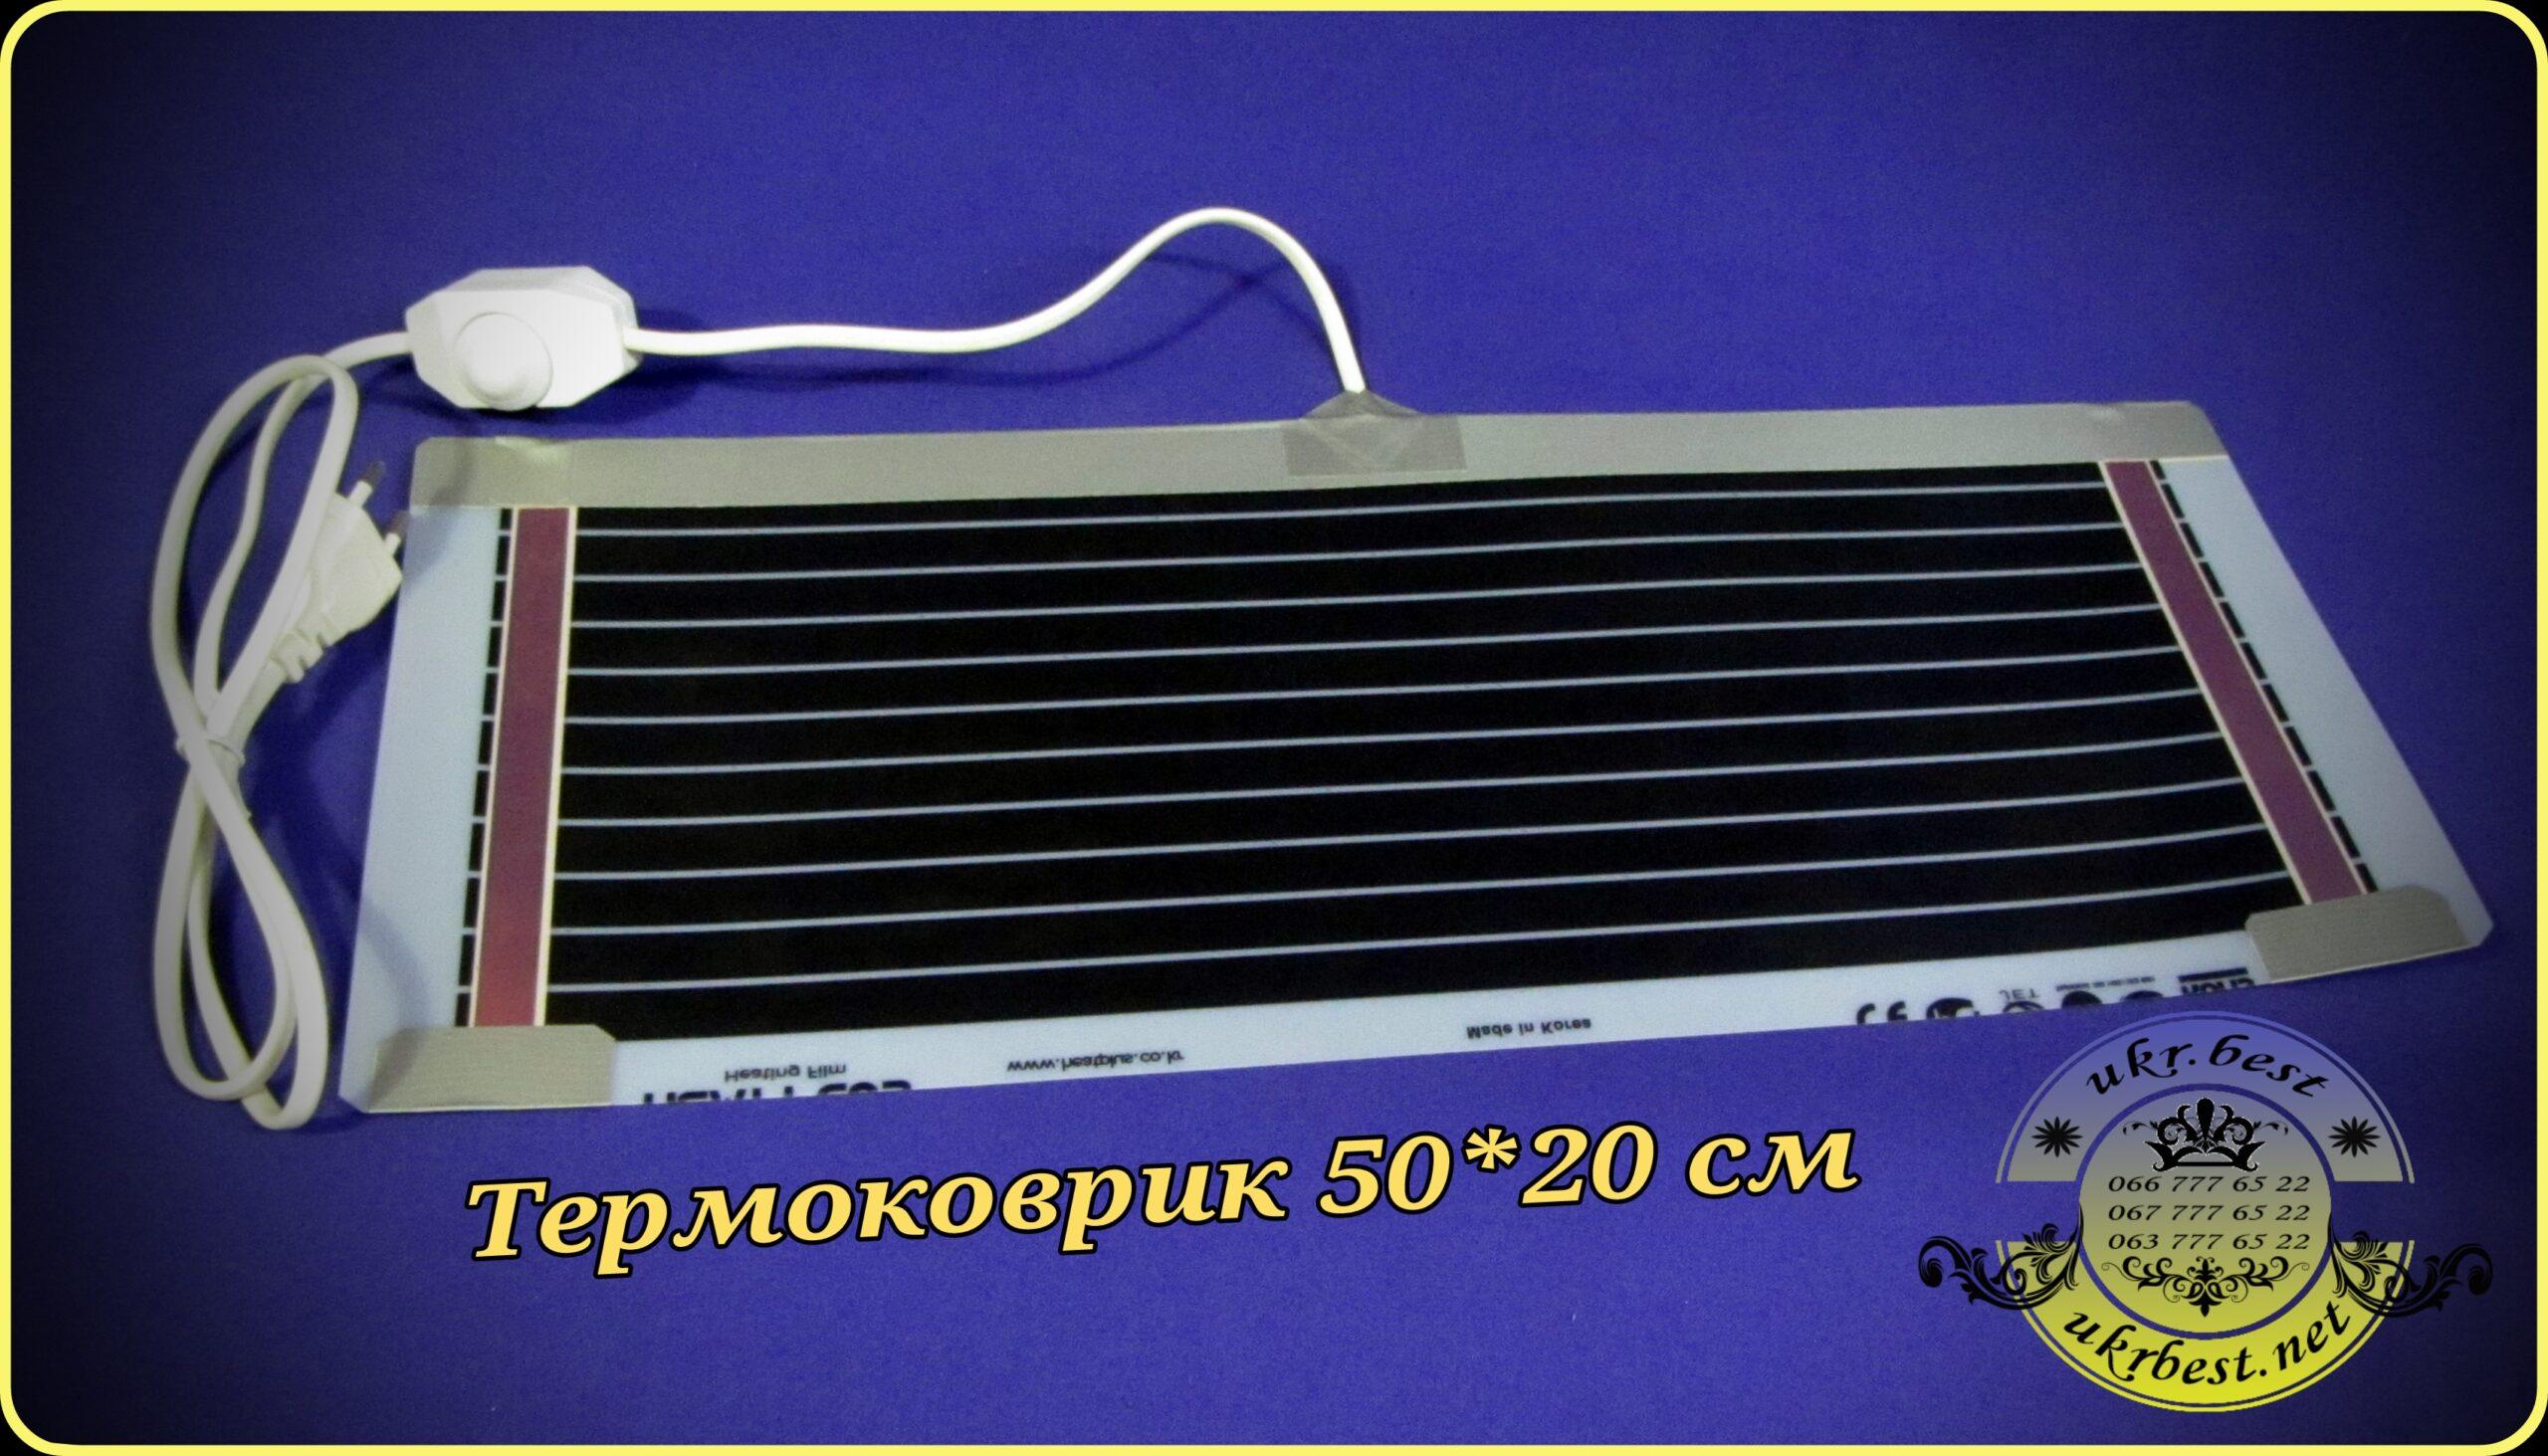 Заказать теплый коврик для террариума недорого с гарантией качества в Украине